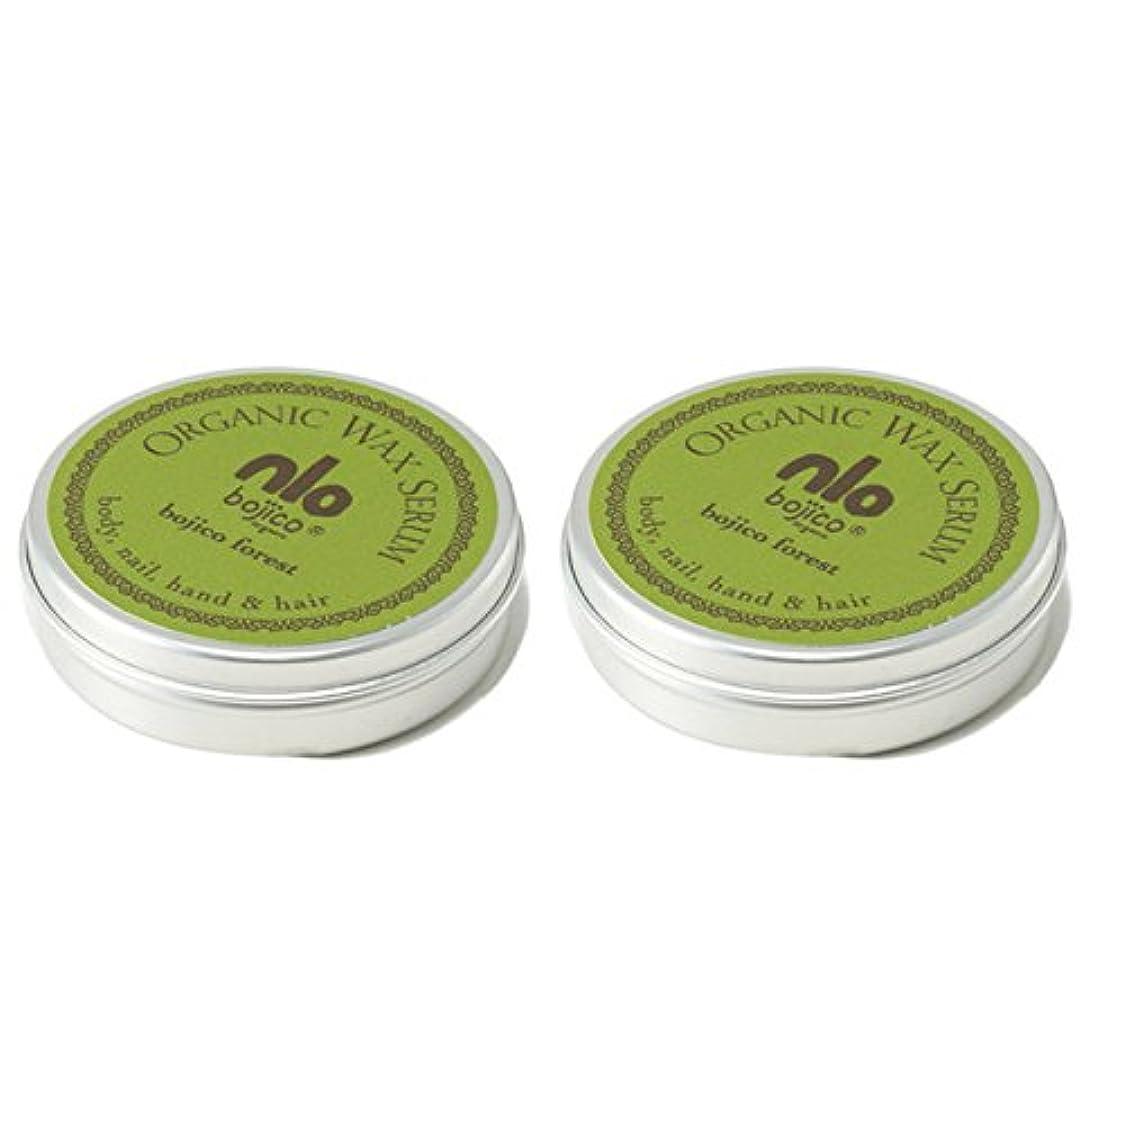 その結果名前で【40g×2個セット】 ボジコ オーガニック ワックス セラム <フォレスト> bojico Organic Wax Serum 40g×2